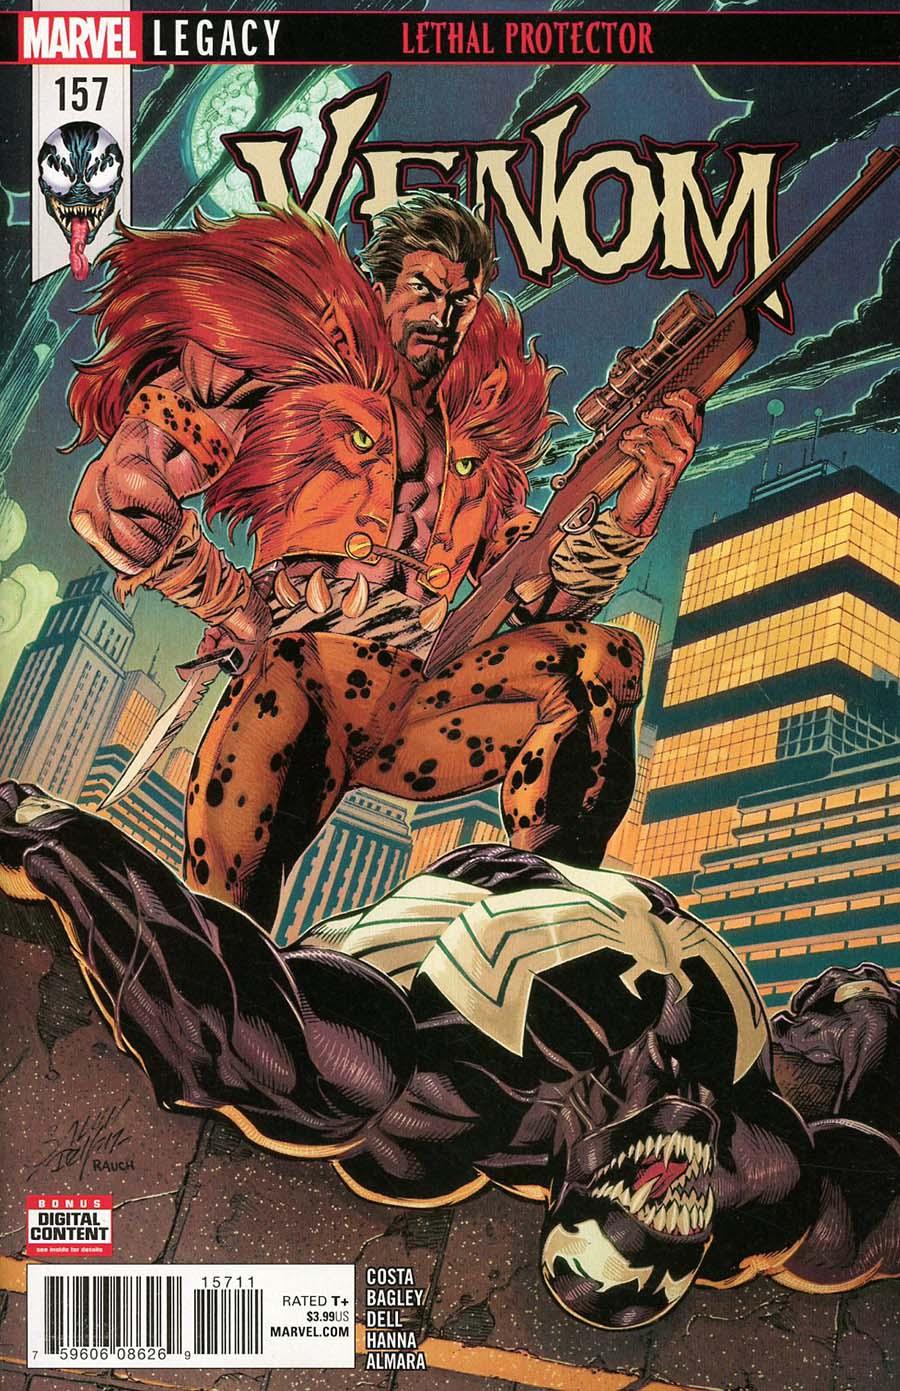 Venom Vol 3 #157 (Marvel Legacy Tie-In)